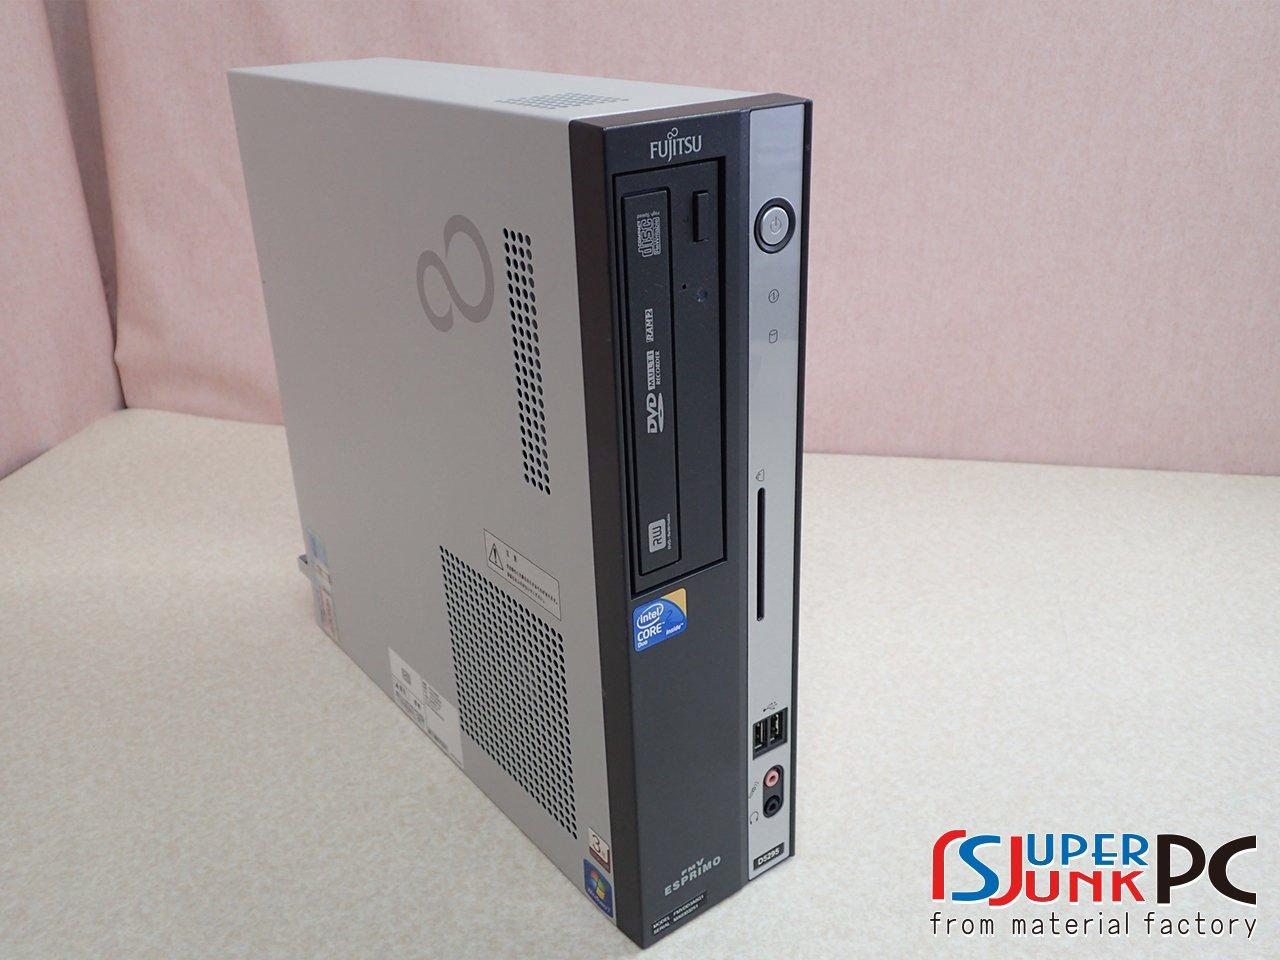 【人気商品!】 数量限定! ESPRIMO FMV-D5295 FMV-D5295 Core2Duo 3.06GHz 2GB 数量限定! office付! 160GB DVD-Multi office付! 中古パソコン B011R6304I, WOODS(ウッズ):91536066 --- arbimovel.dominiotemporario.com